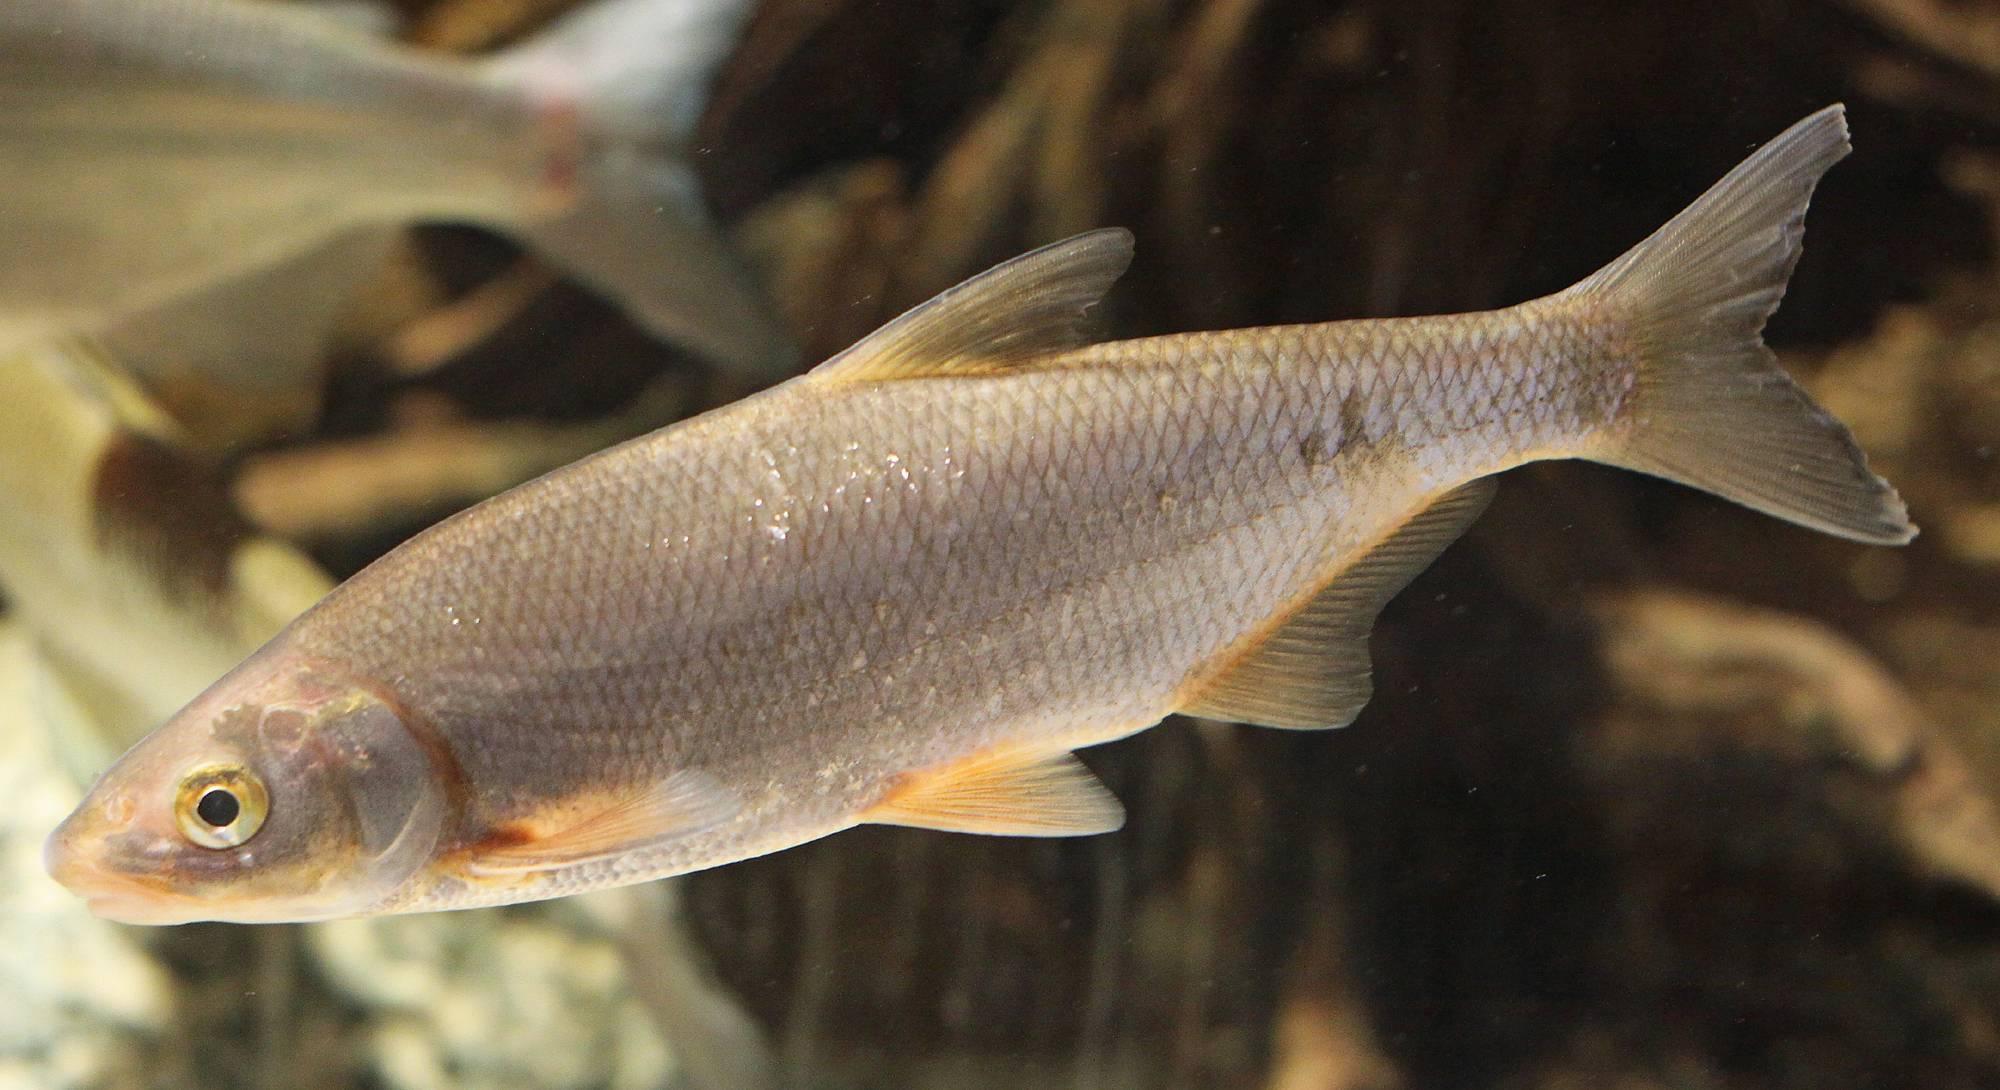 Рыба подуст: (места обитания и нерест, способы ловли подуста)